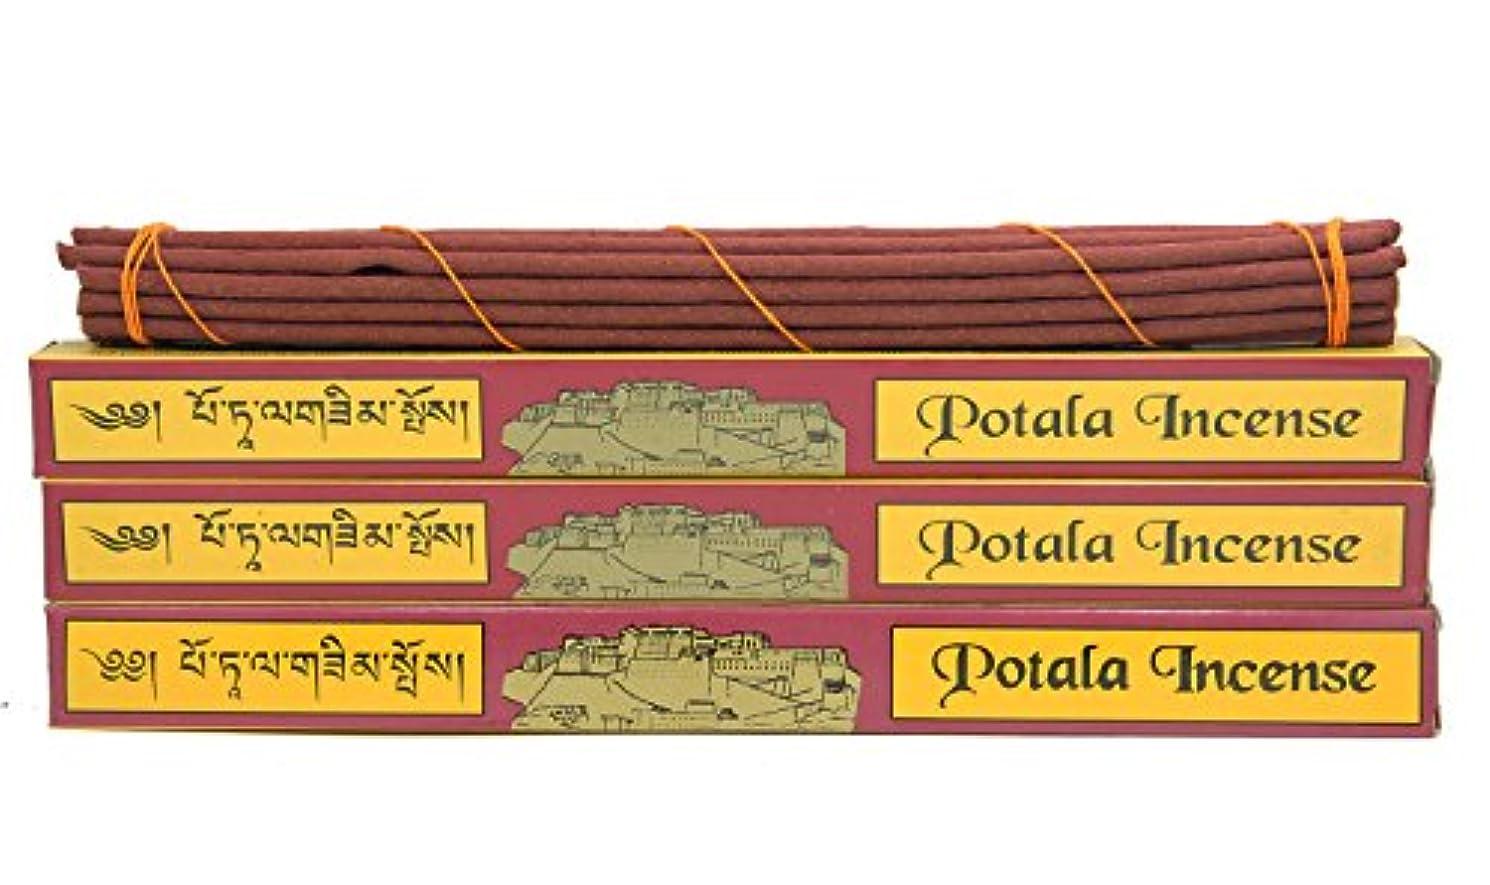 見て民兵シェアDharmaObjects 3ボックス元チベット従来Potala Incense Large 60 Sticks レッド 14139981